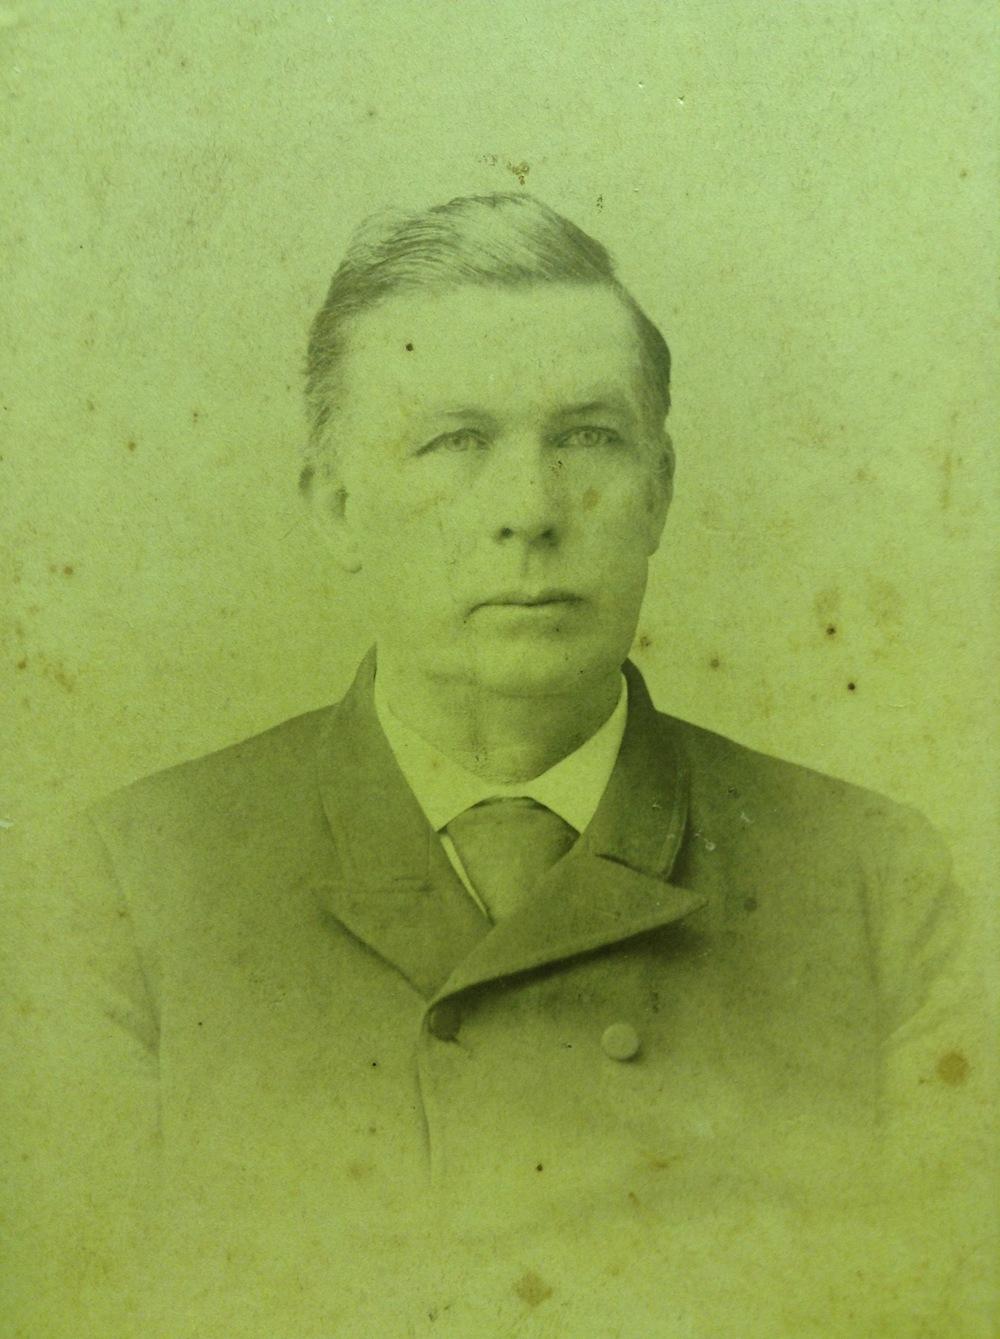 Rev. William F. Pearson